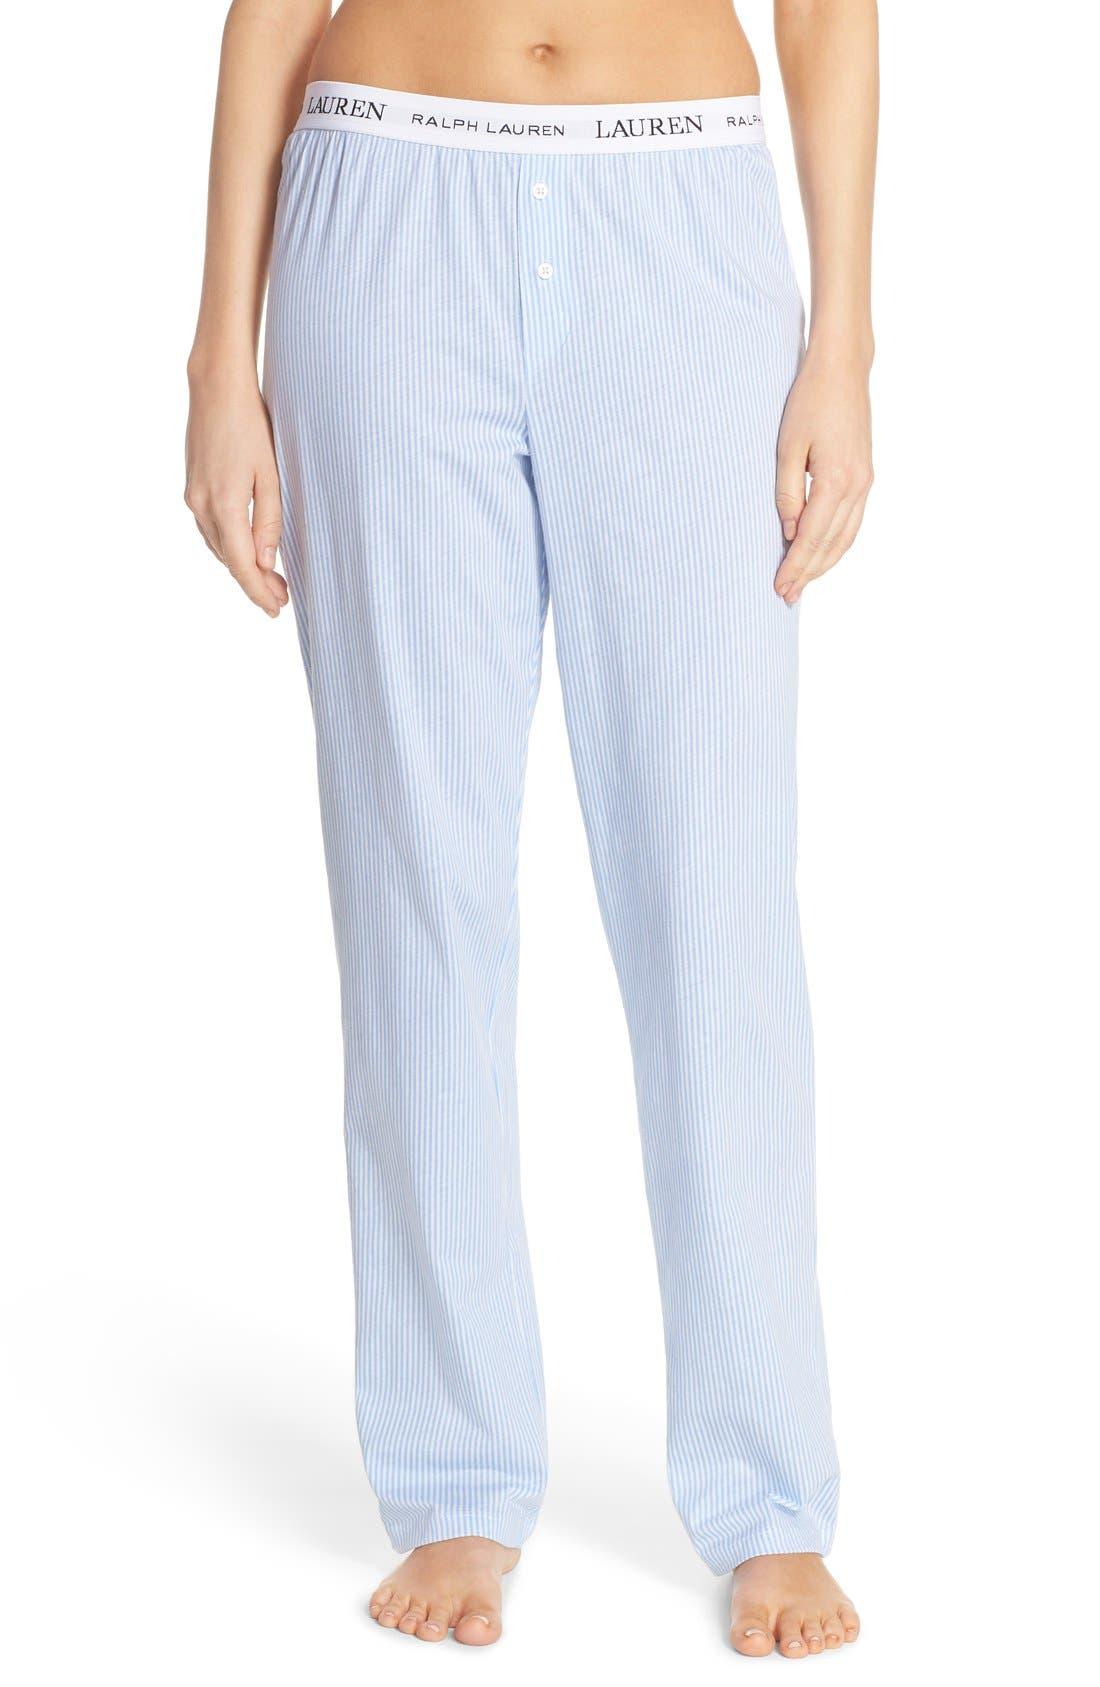 LAUREN RALPH LAUREN, Logo Waistband Lounge Pants, Main thumbnail 1, color, STRIPE PALE BLUE/ WHITE